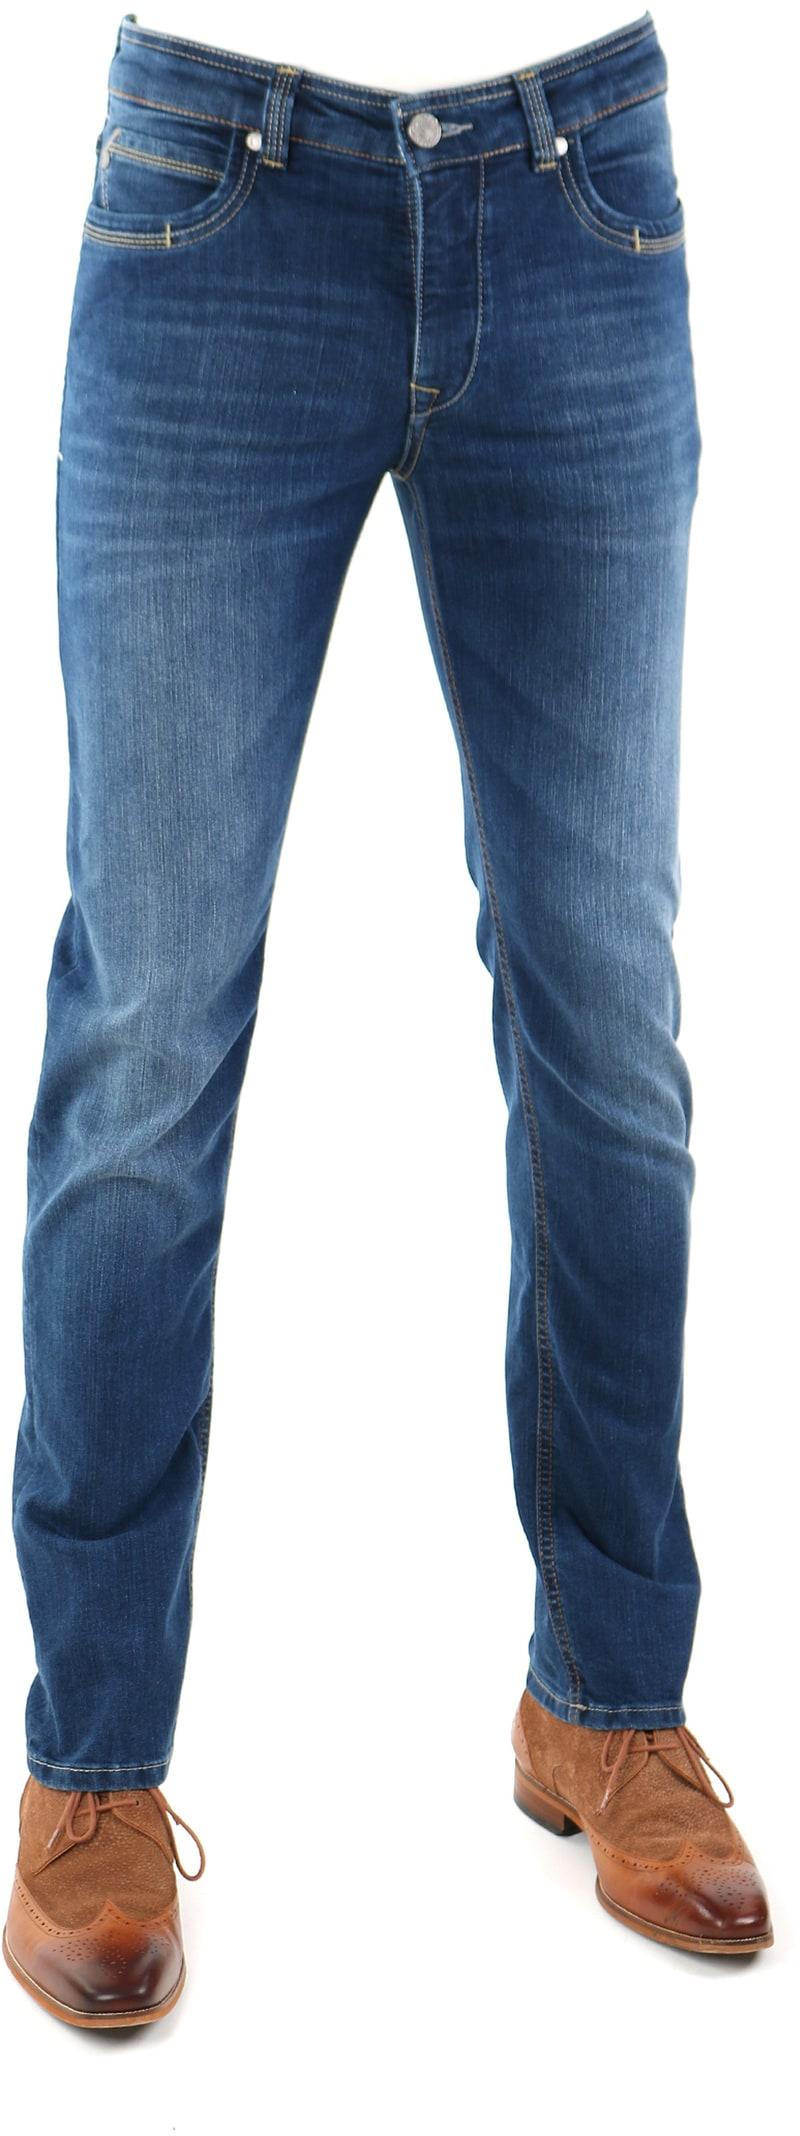 Gardeur Batu Jeans Blauw  online bestellen | Suitable